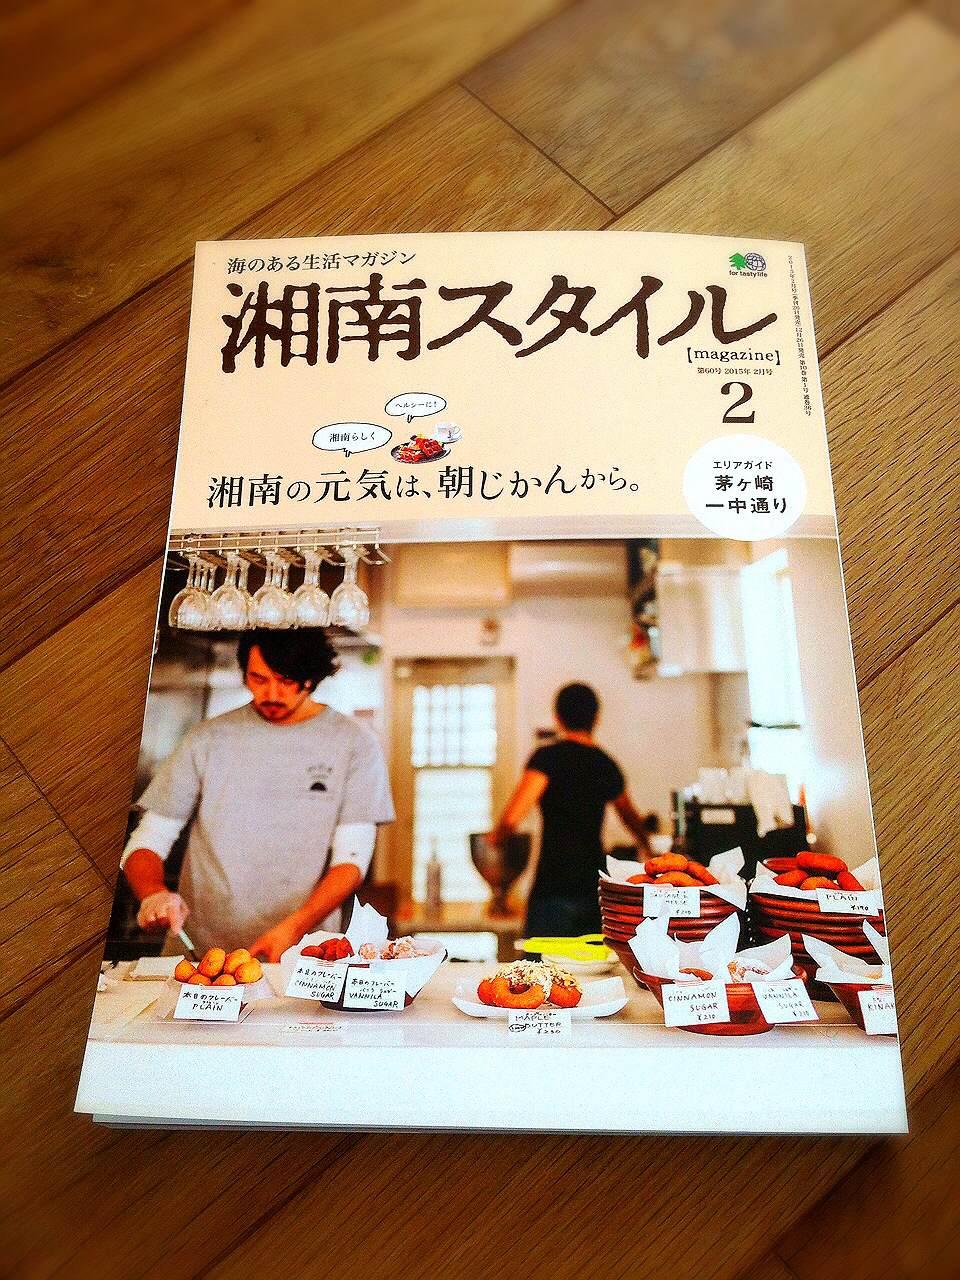 雑誌『湘南スタイル』2月号に掲載